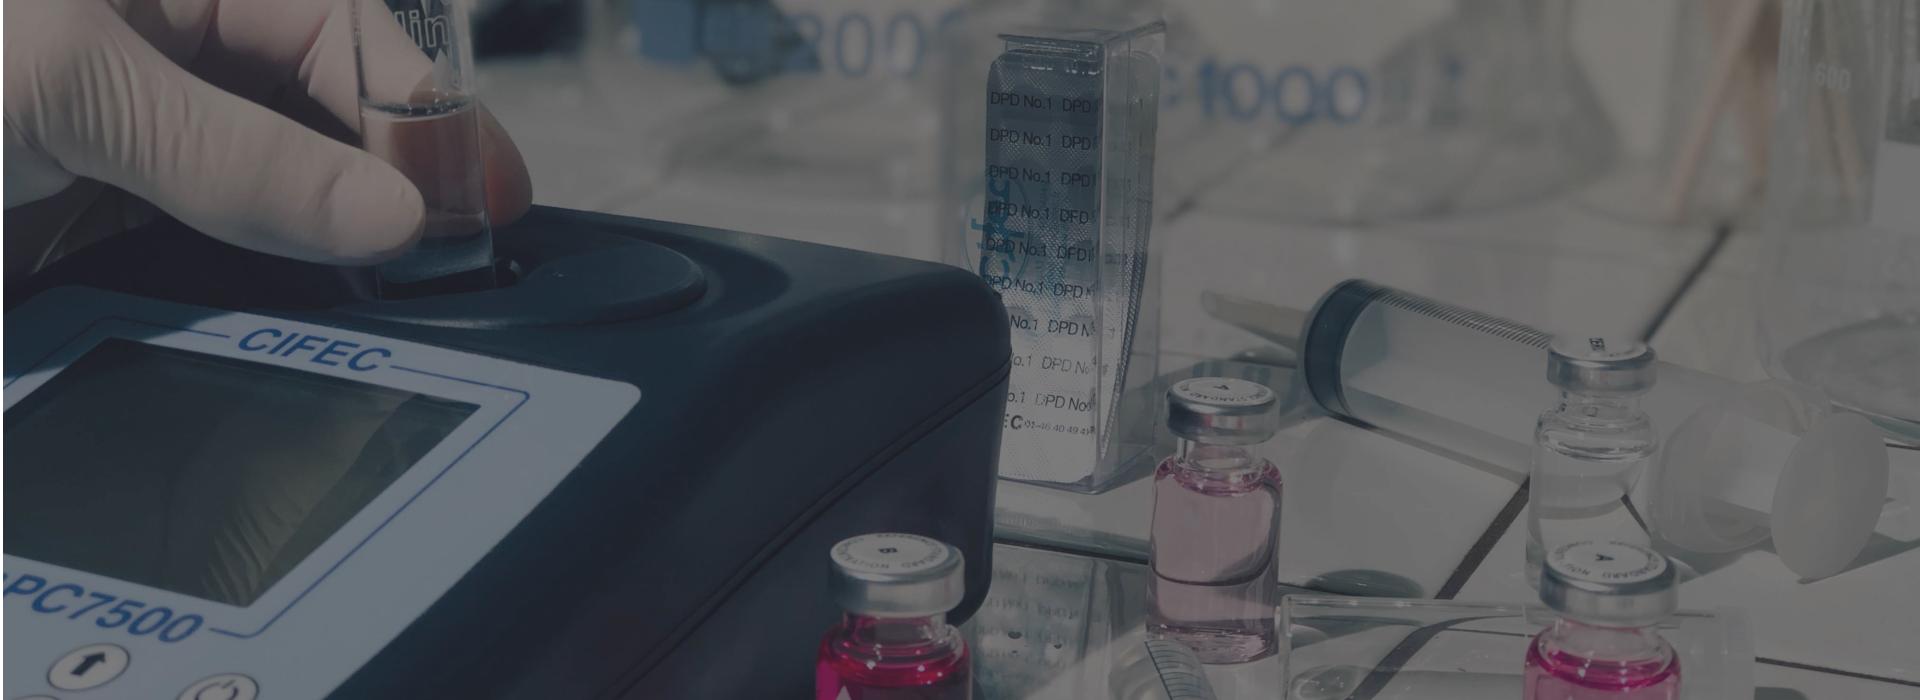 Du matériel professionnel conformes aux exigences des laboratoires de contrôle